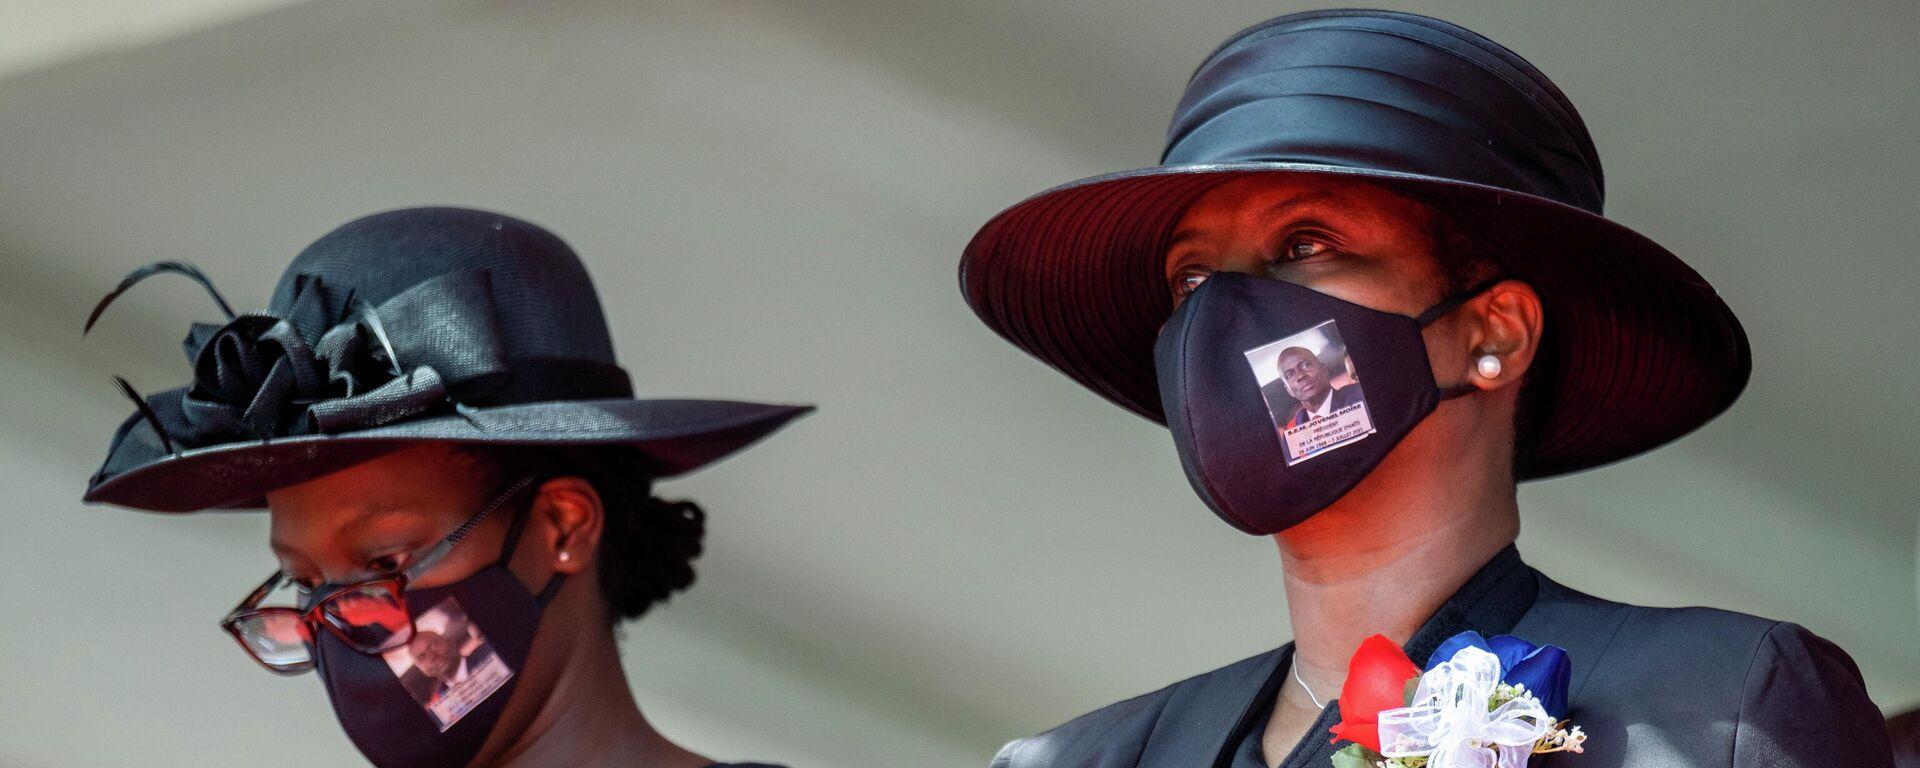 Martine Moise, viuda del expresidente de Haití Jovenel Moise, junto a su hija - Sputnik Mundo, 1920, 30.07.2021